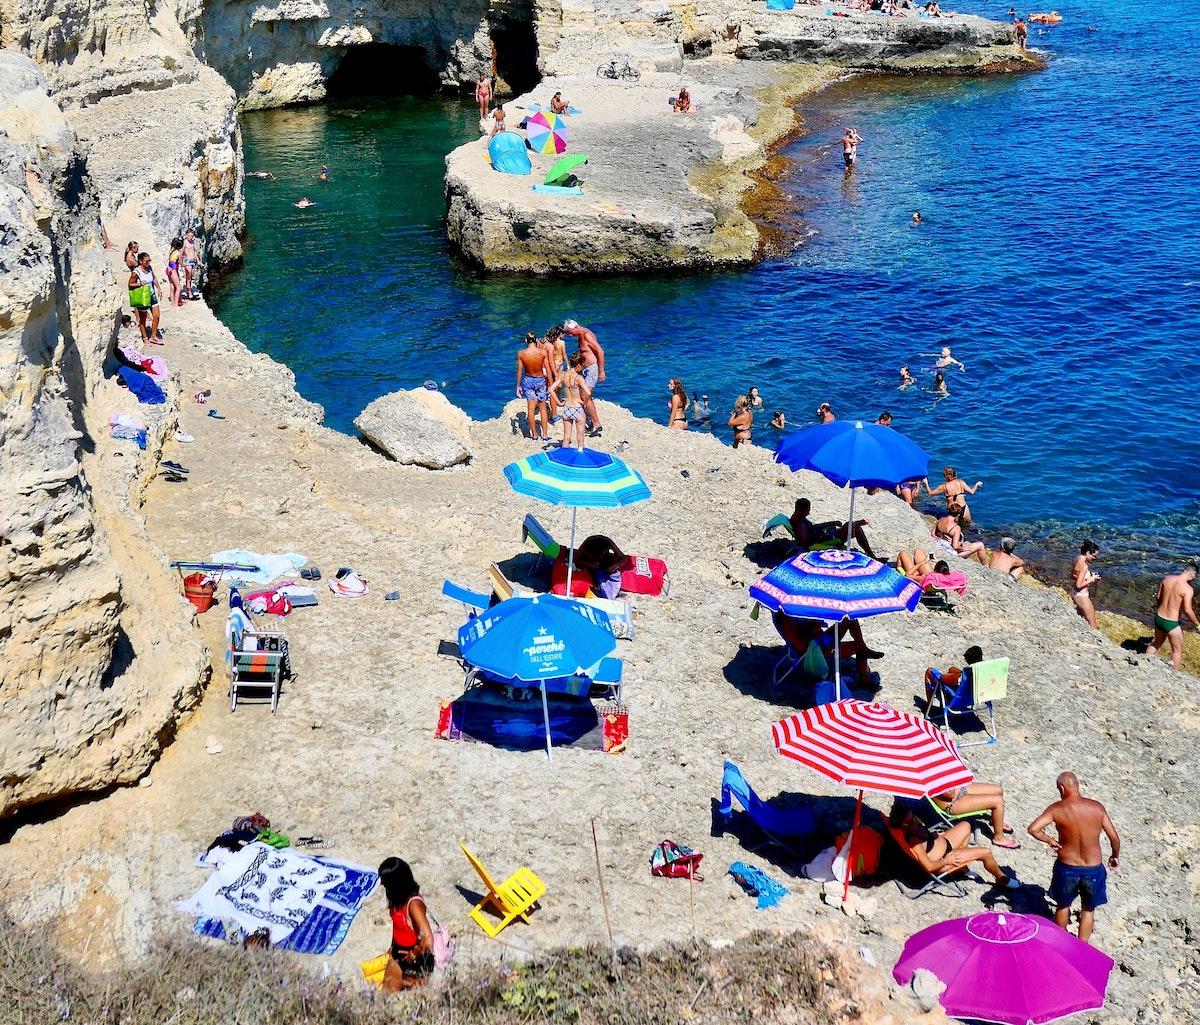 イタリア、チンクエテッレ、バカンス、海、海水浴、日光浴、夏のイタリア